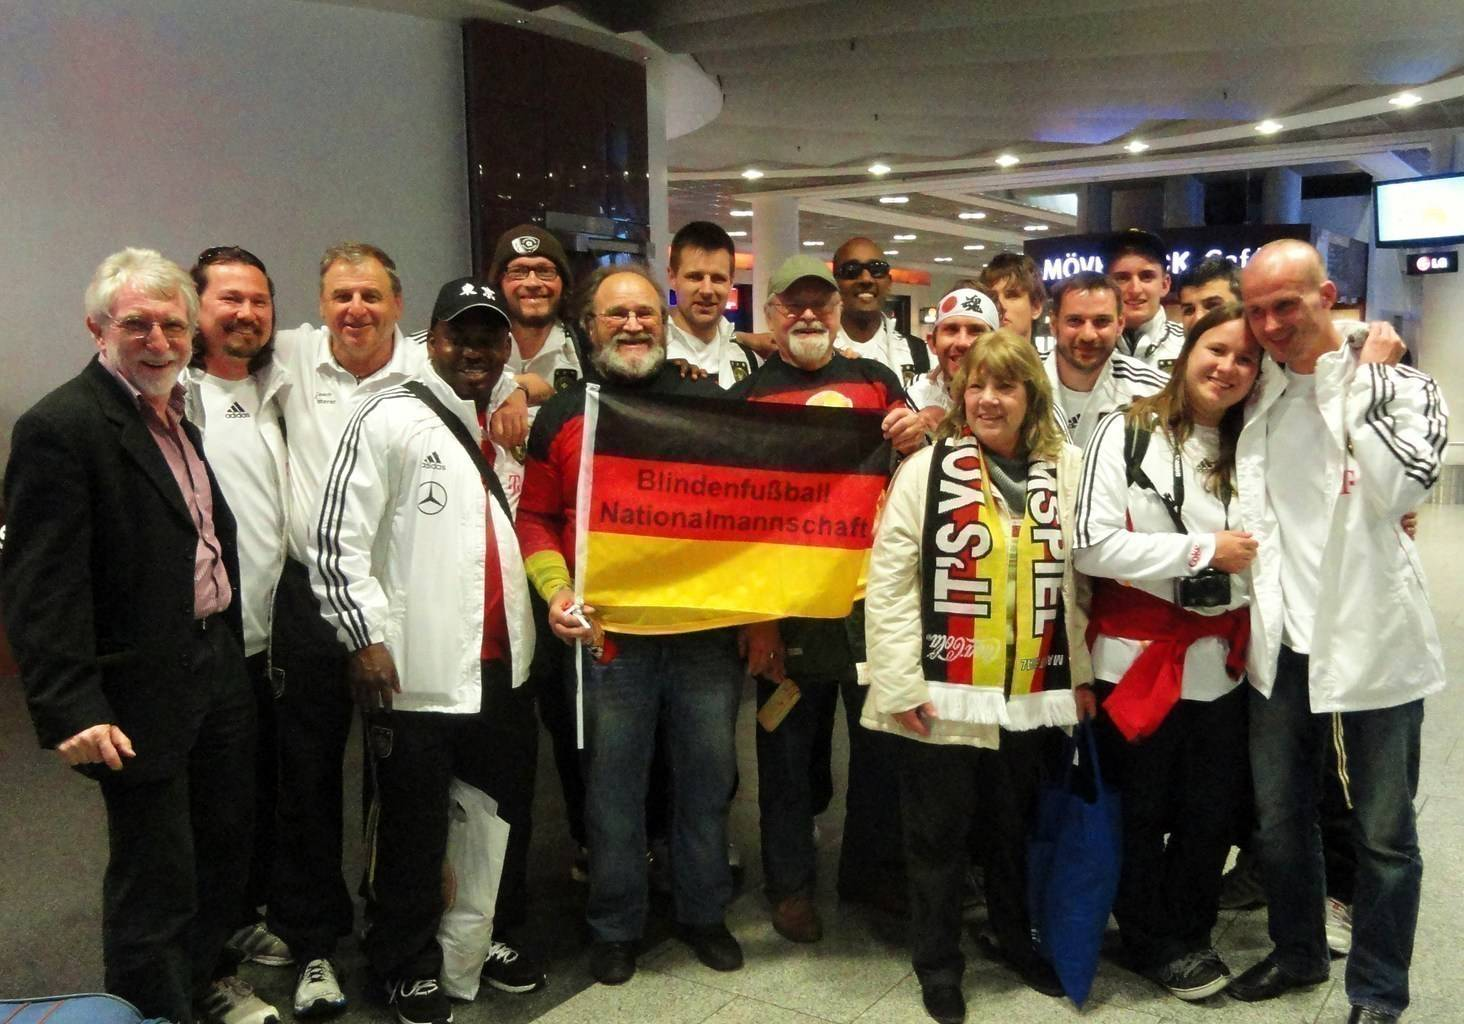 Die Deutsche Mannschaft wird bei ihrer Rückkehr aus Japan am Frankfurter Flughafen von einer kleinen Fandelegation empfangen